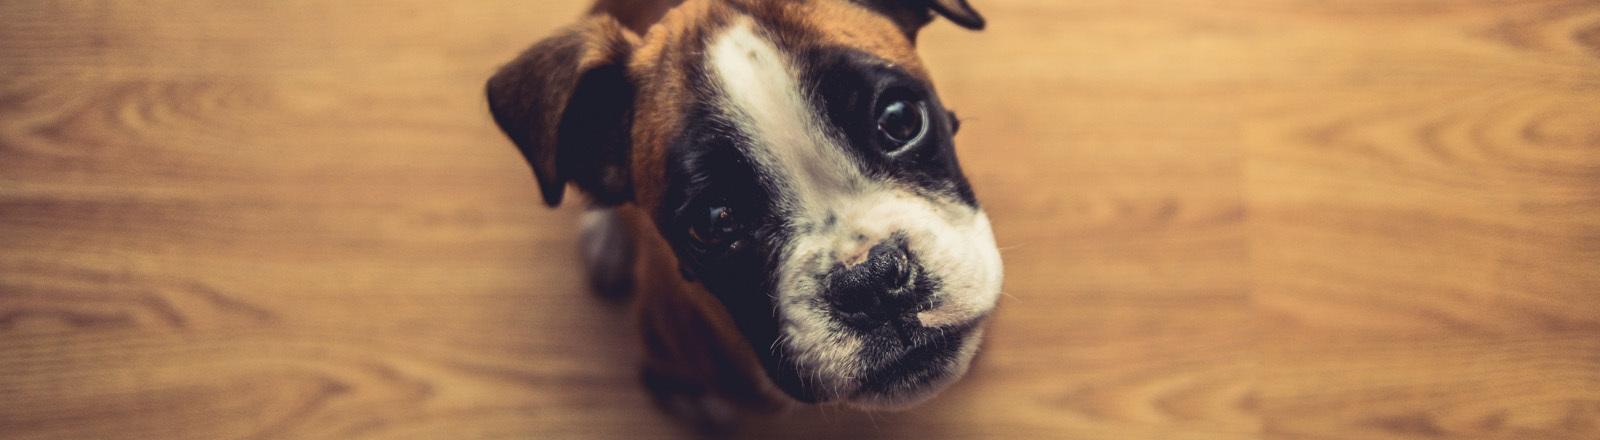 Hund schaut in die Kamera